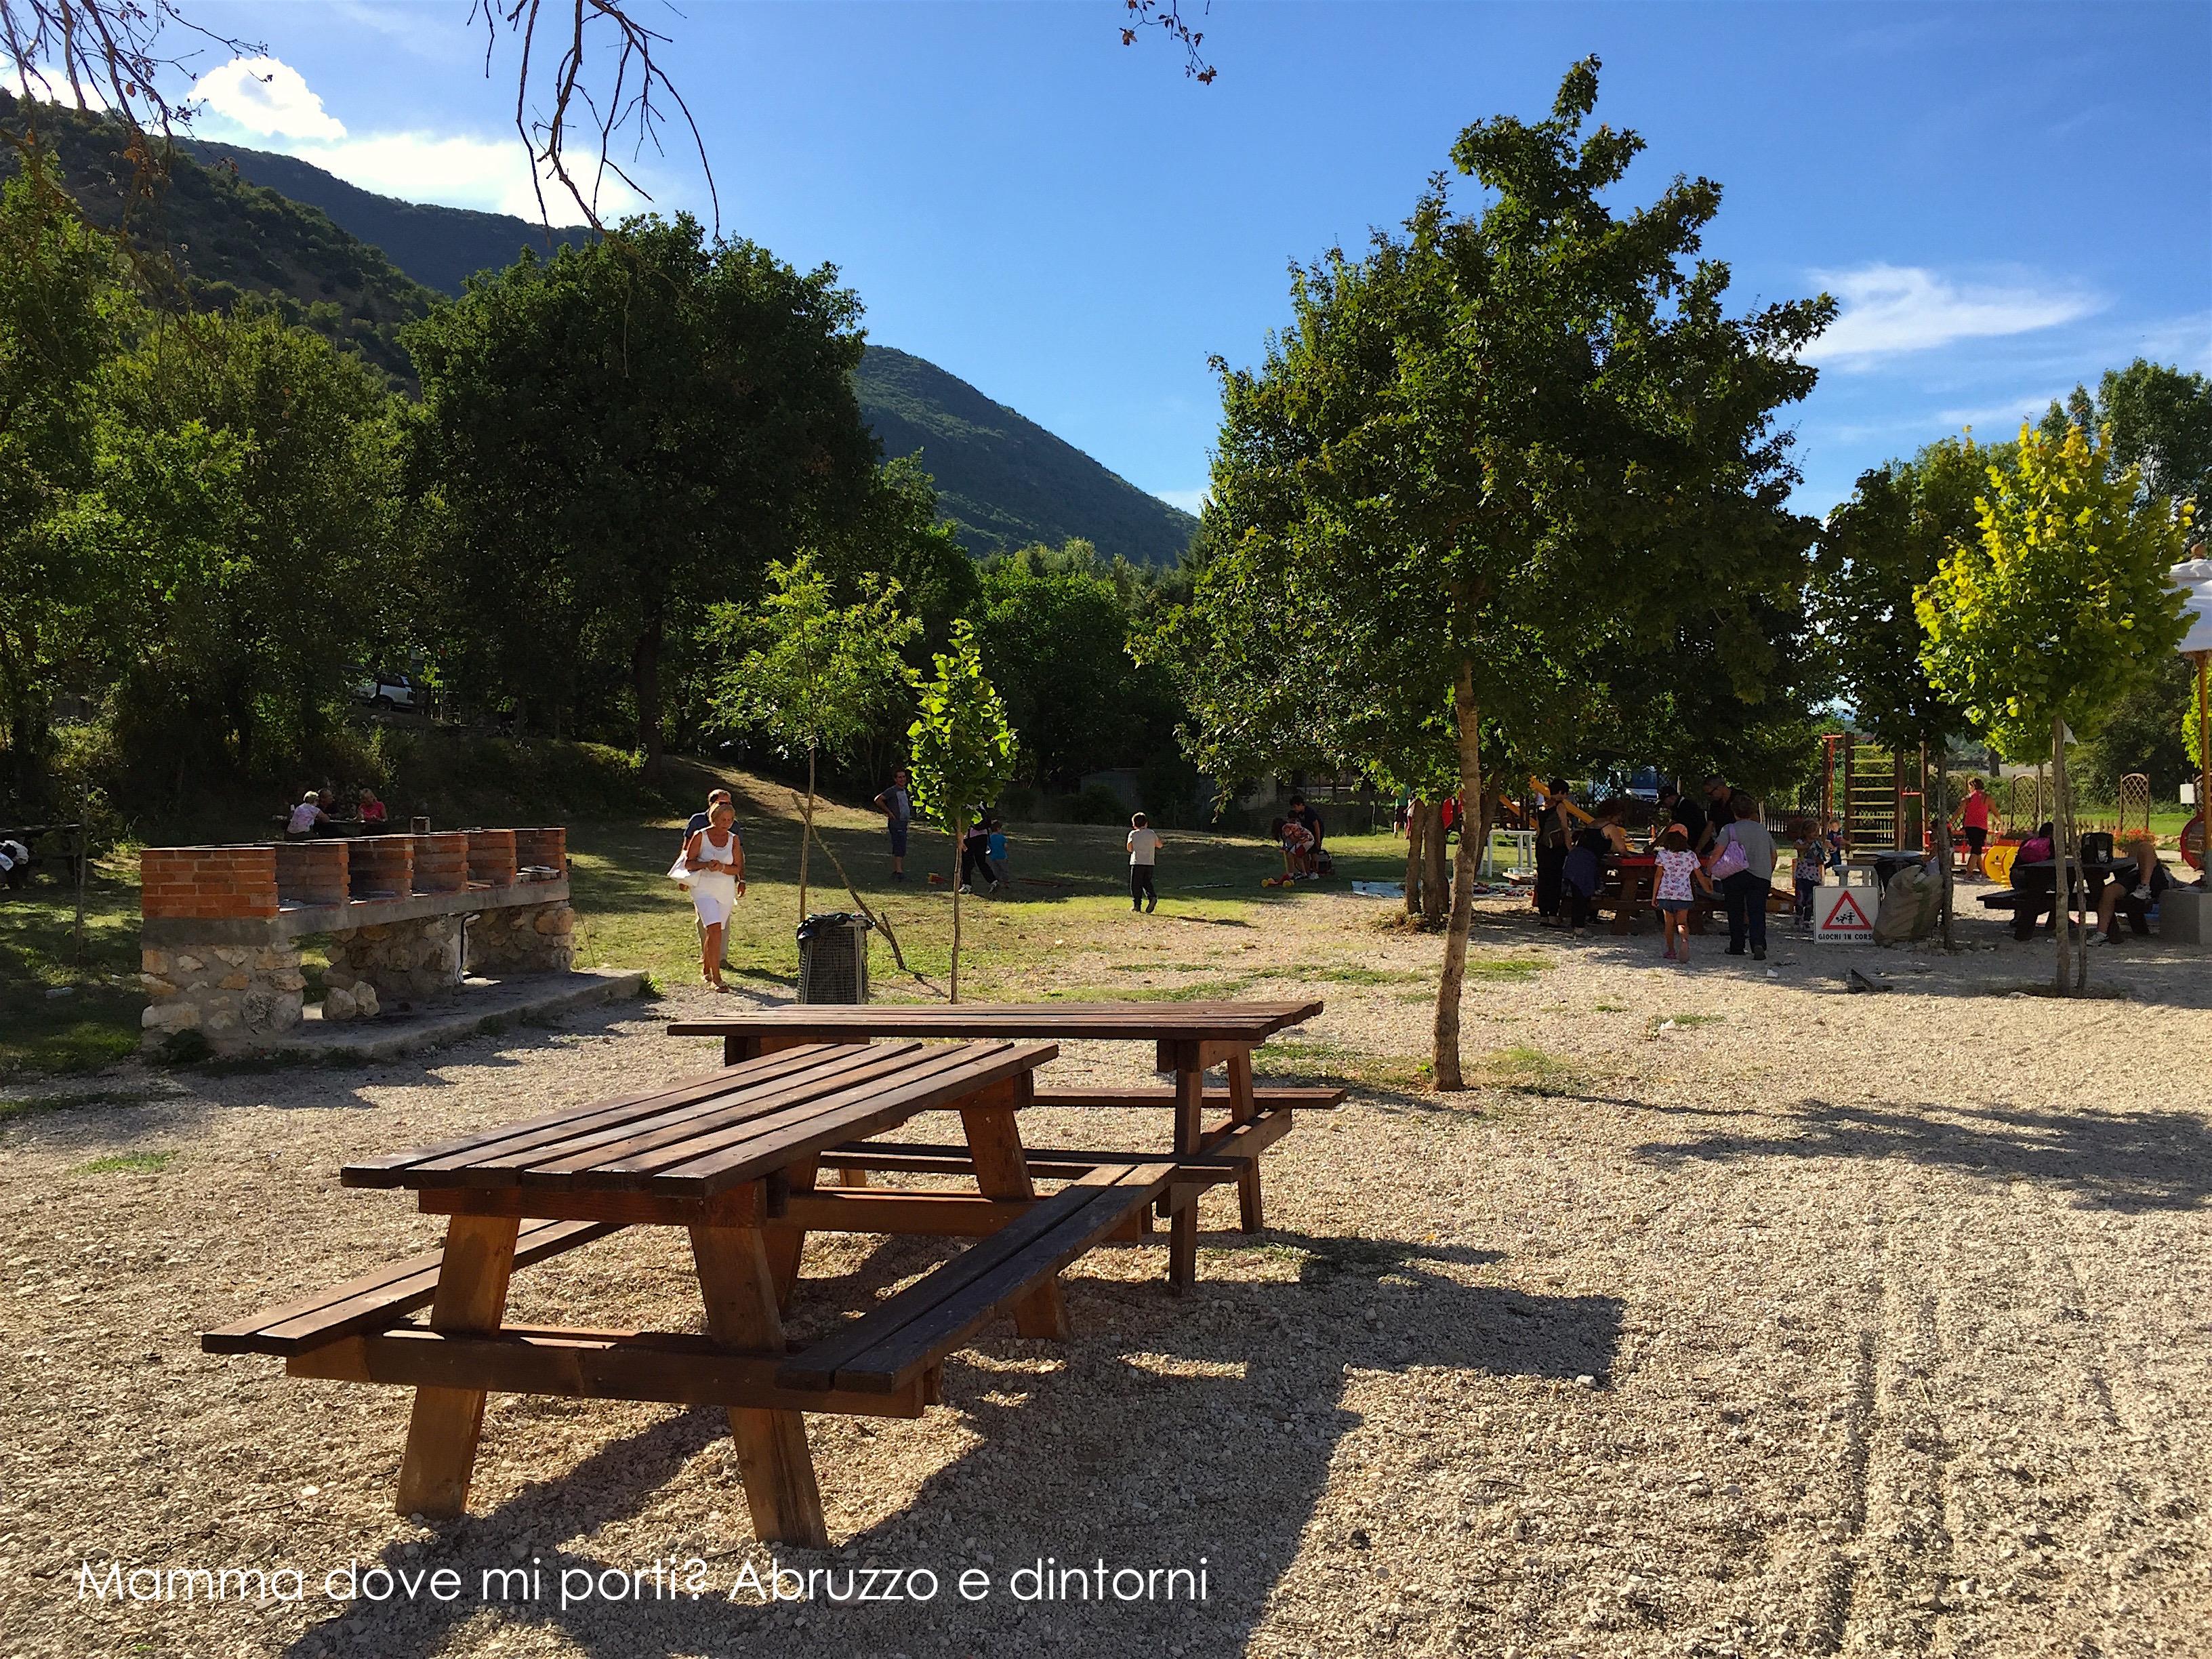 Grotte di Stiffe - Area barbecue - San Demetrio ne' Vestini (AQ)